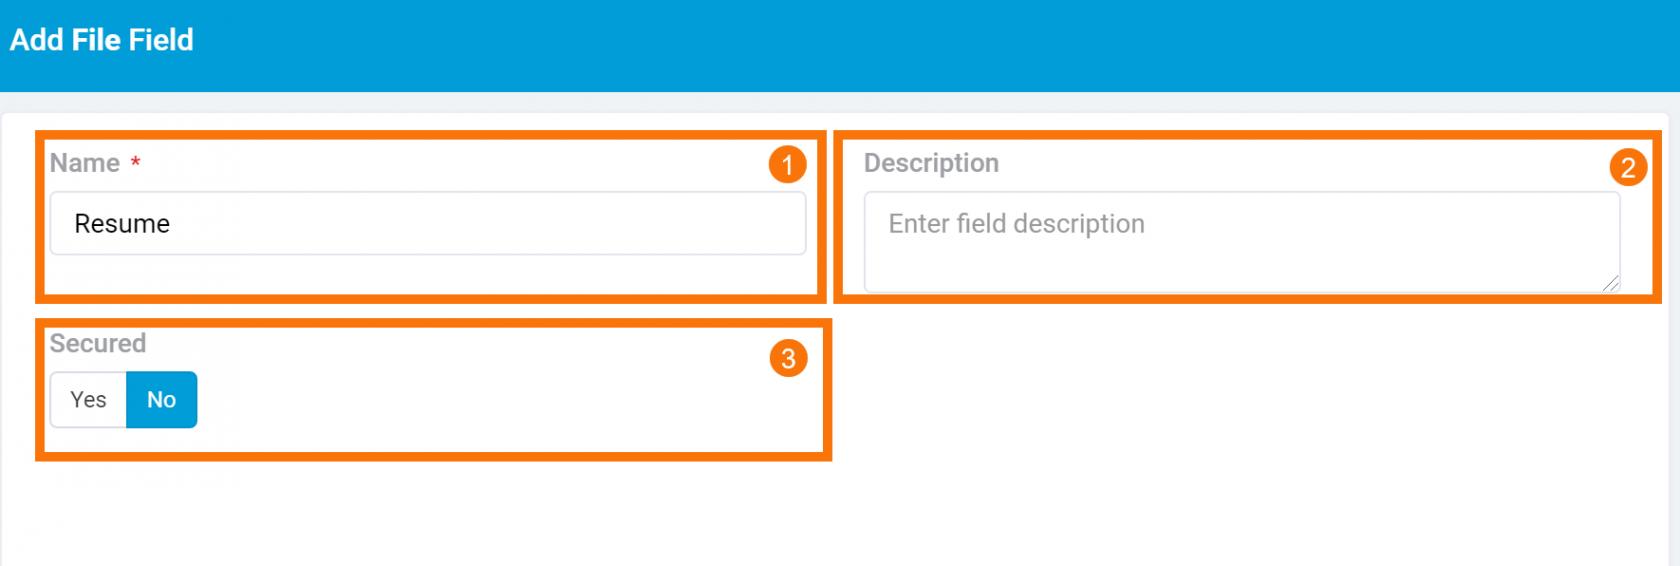 jwIcreate-new-file-field.png